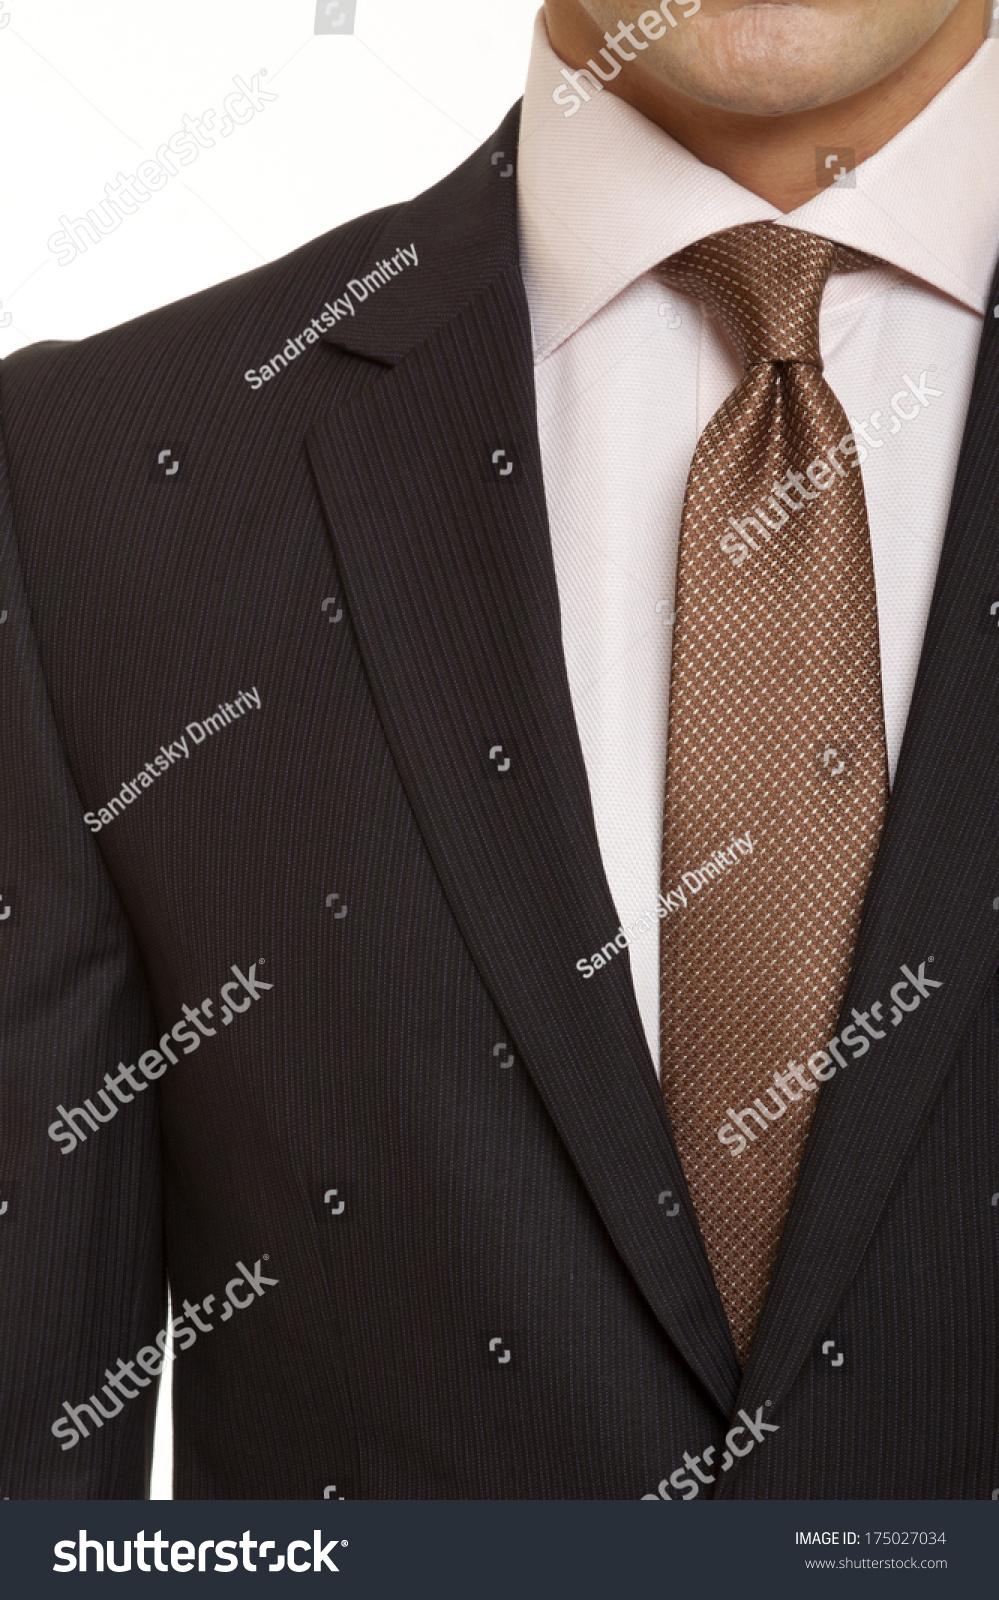 Black Suit Brown Tie Stock Photo 175027034 - Shutterstock